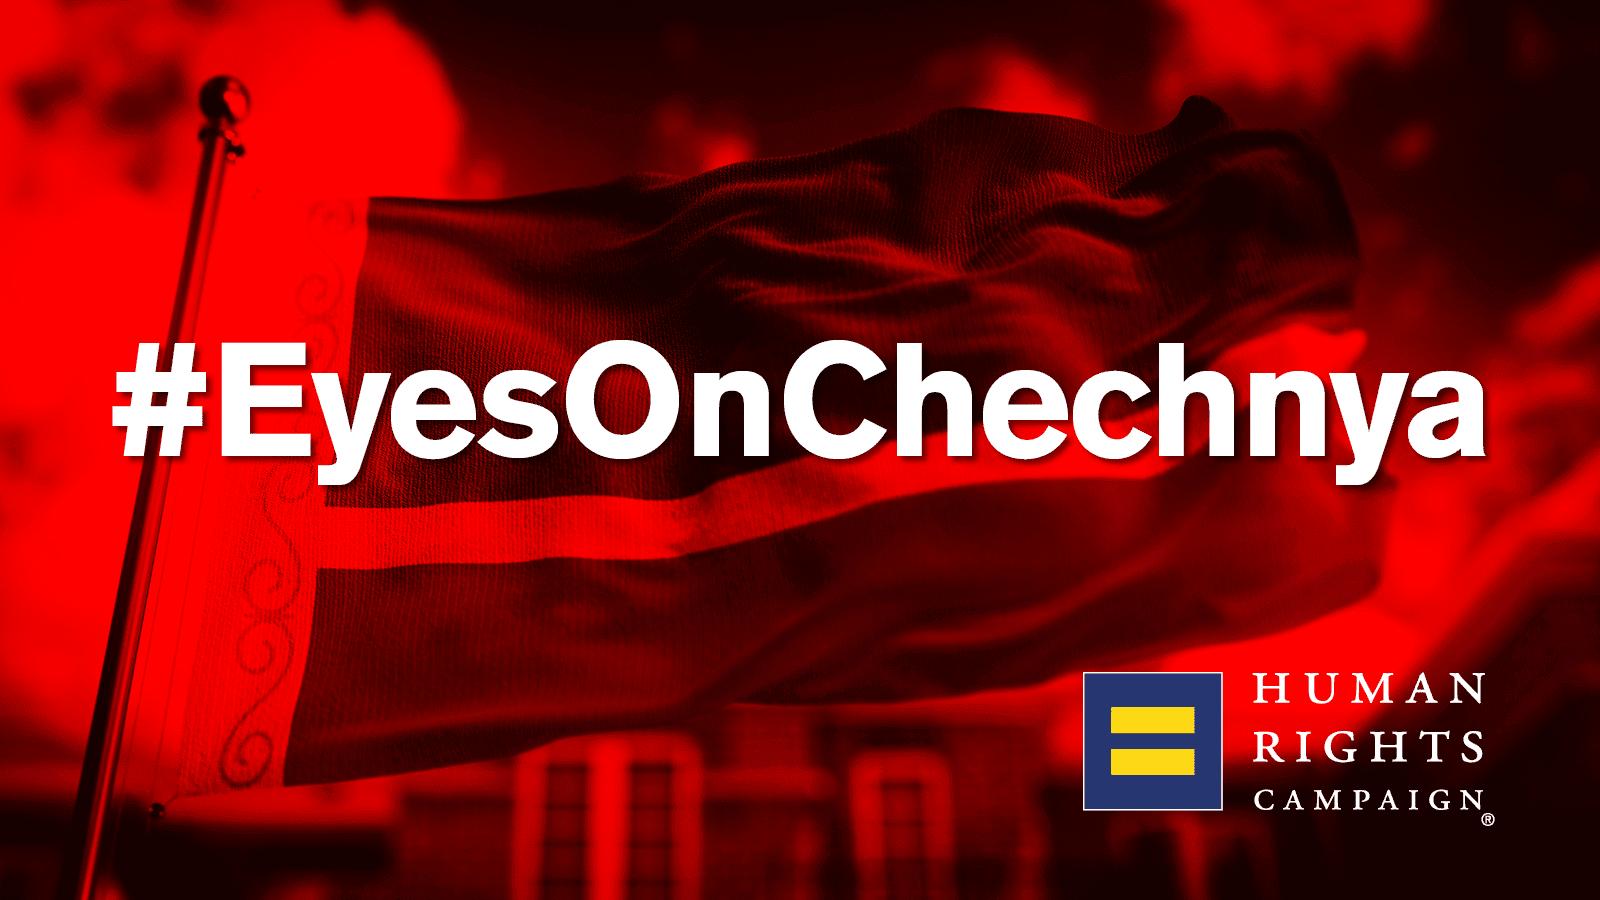 Eyes on Chechnya